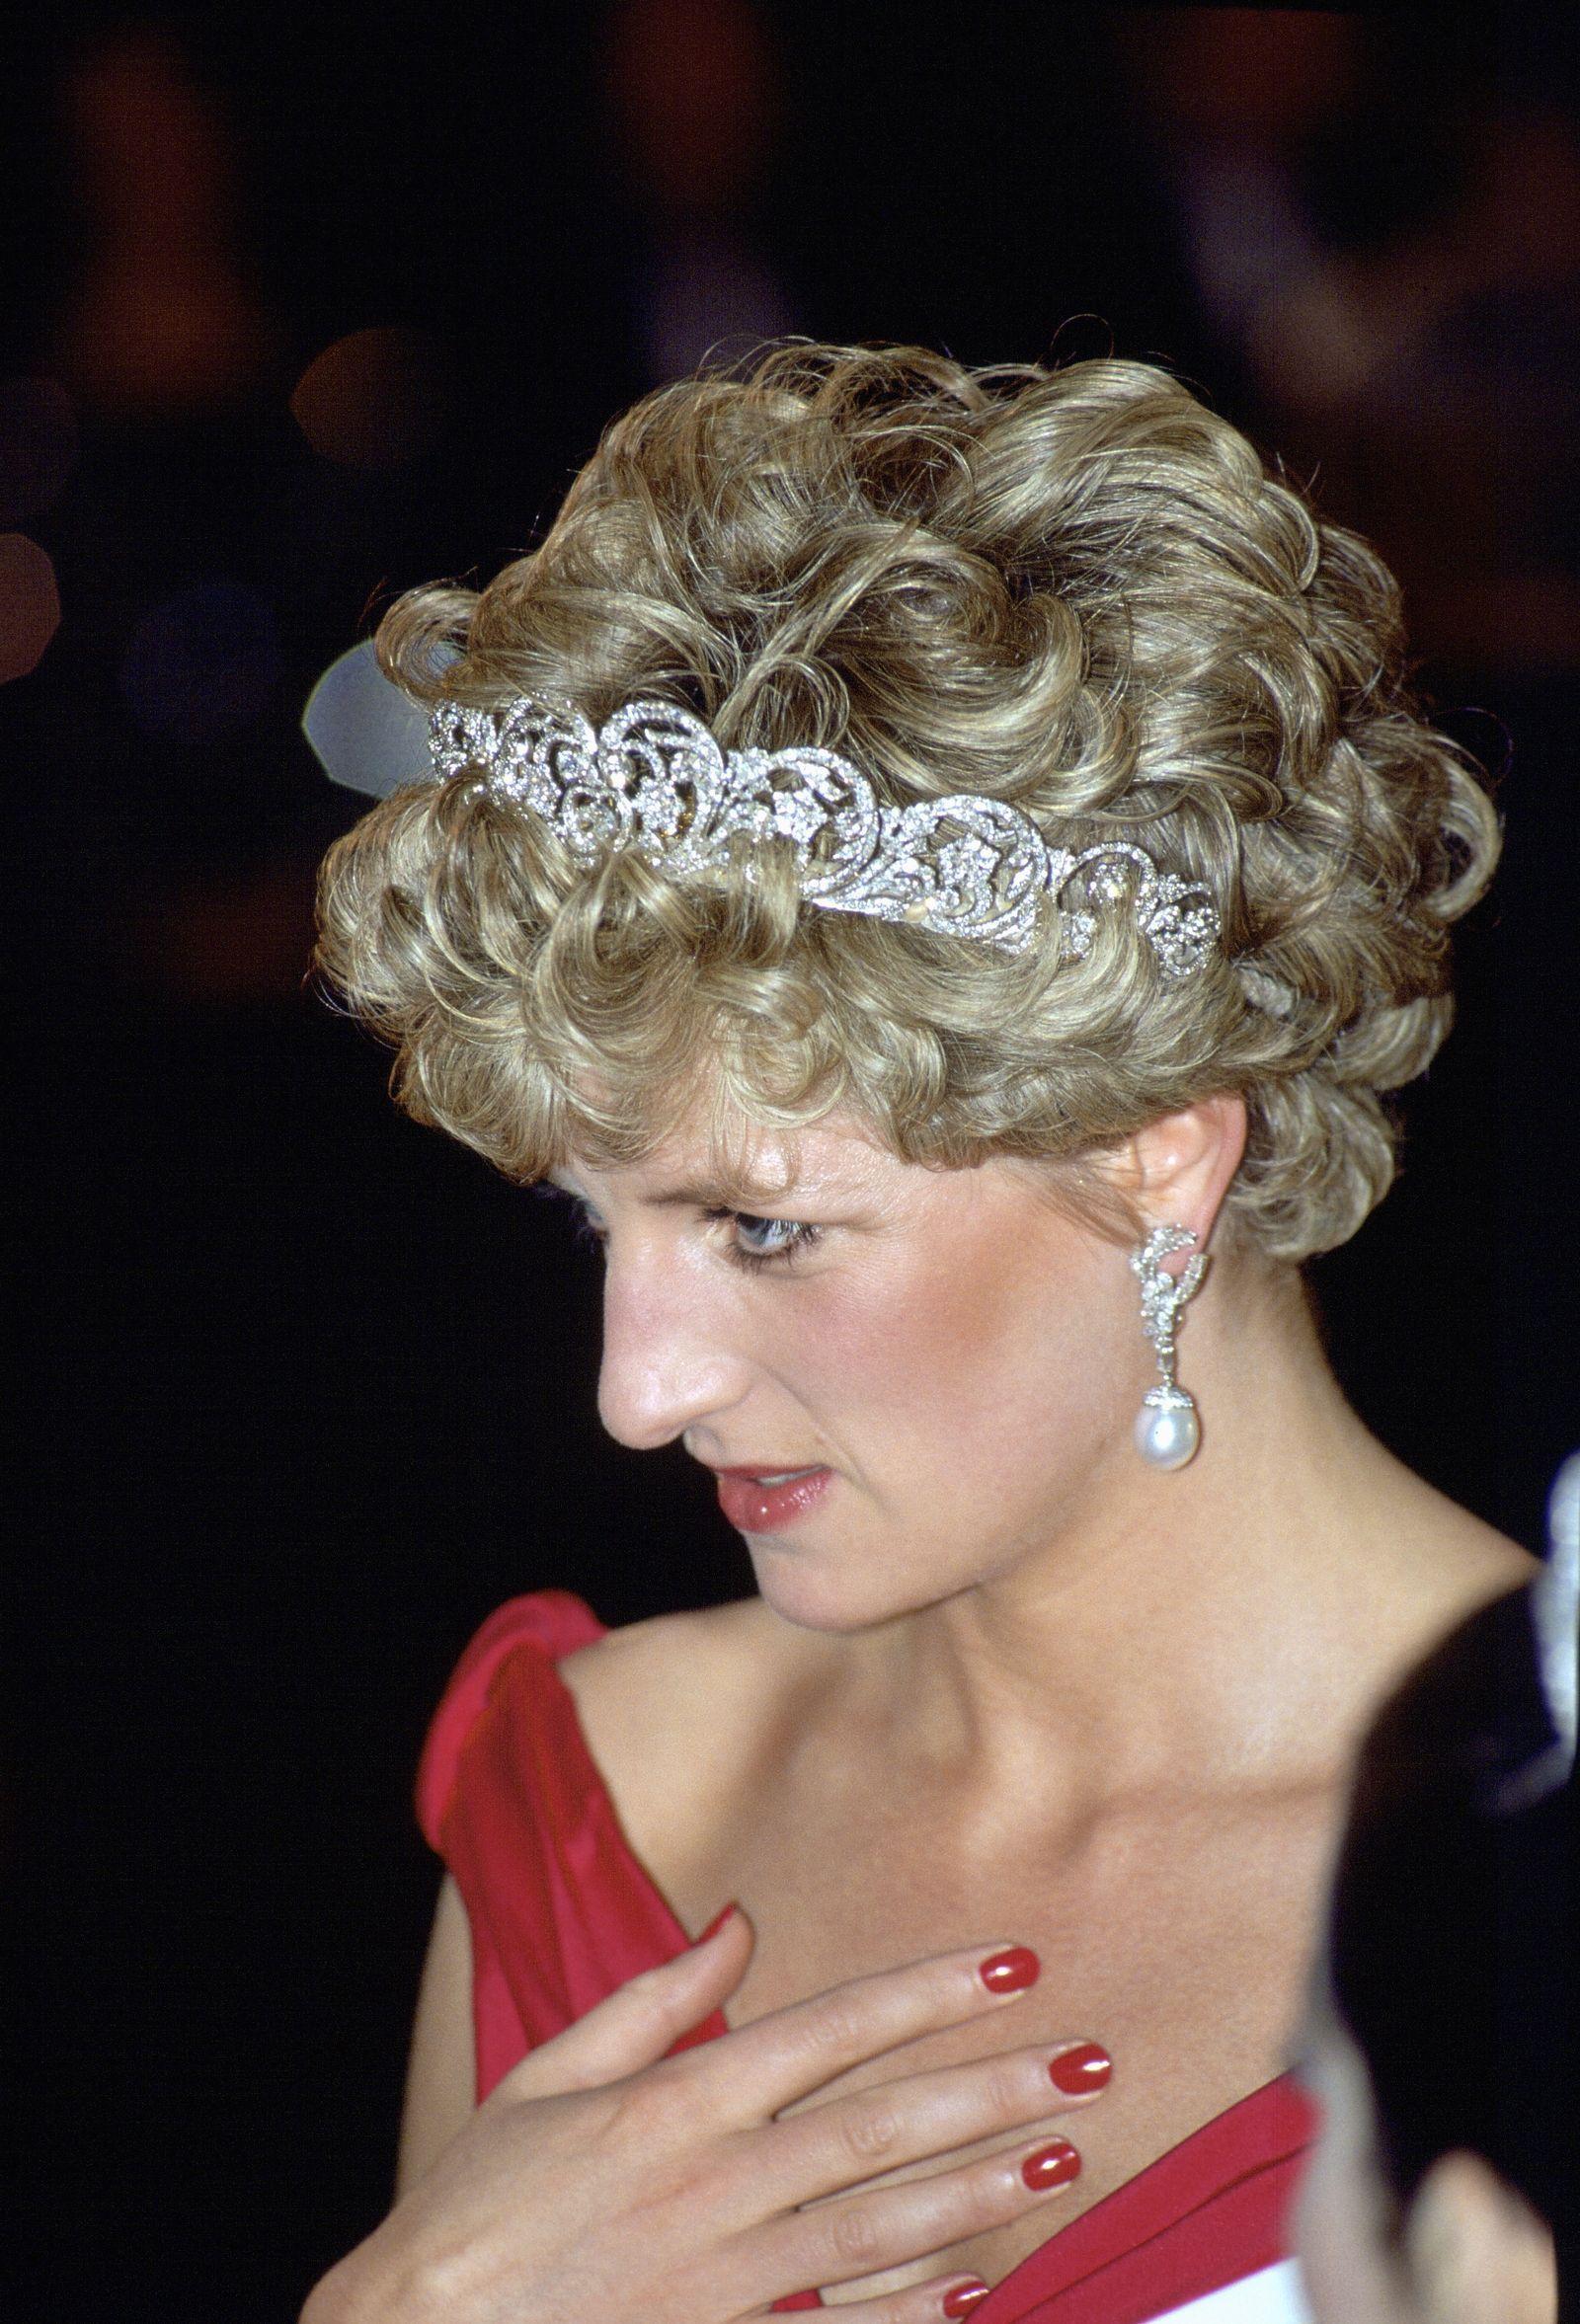 Đằng sau nhan sắc cùng khí chất hơn người của Công nương Diana lại là 5 tips làm đẹp đơn giản, ai cũng học được - Ảnh 4.